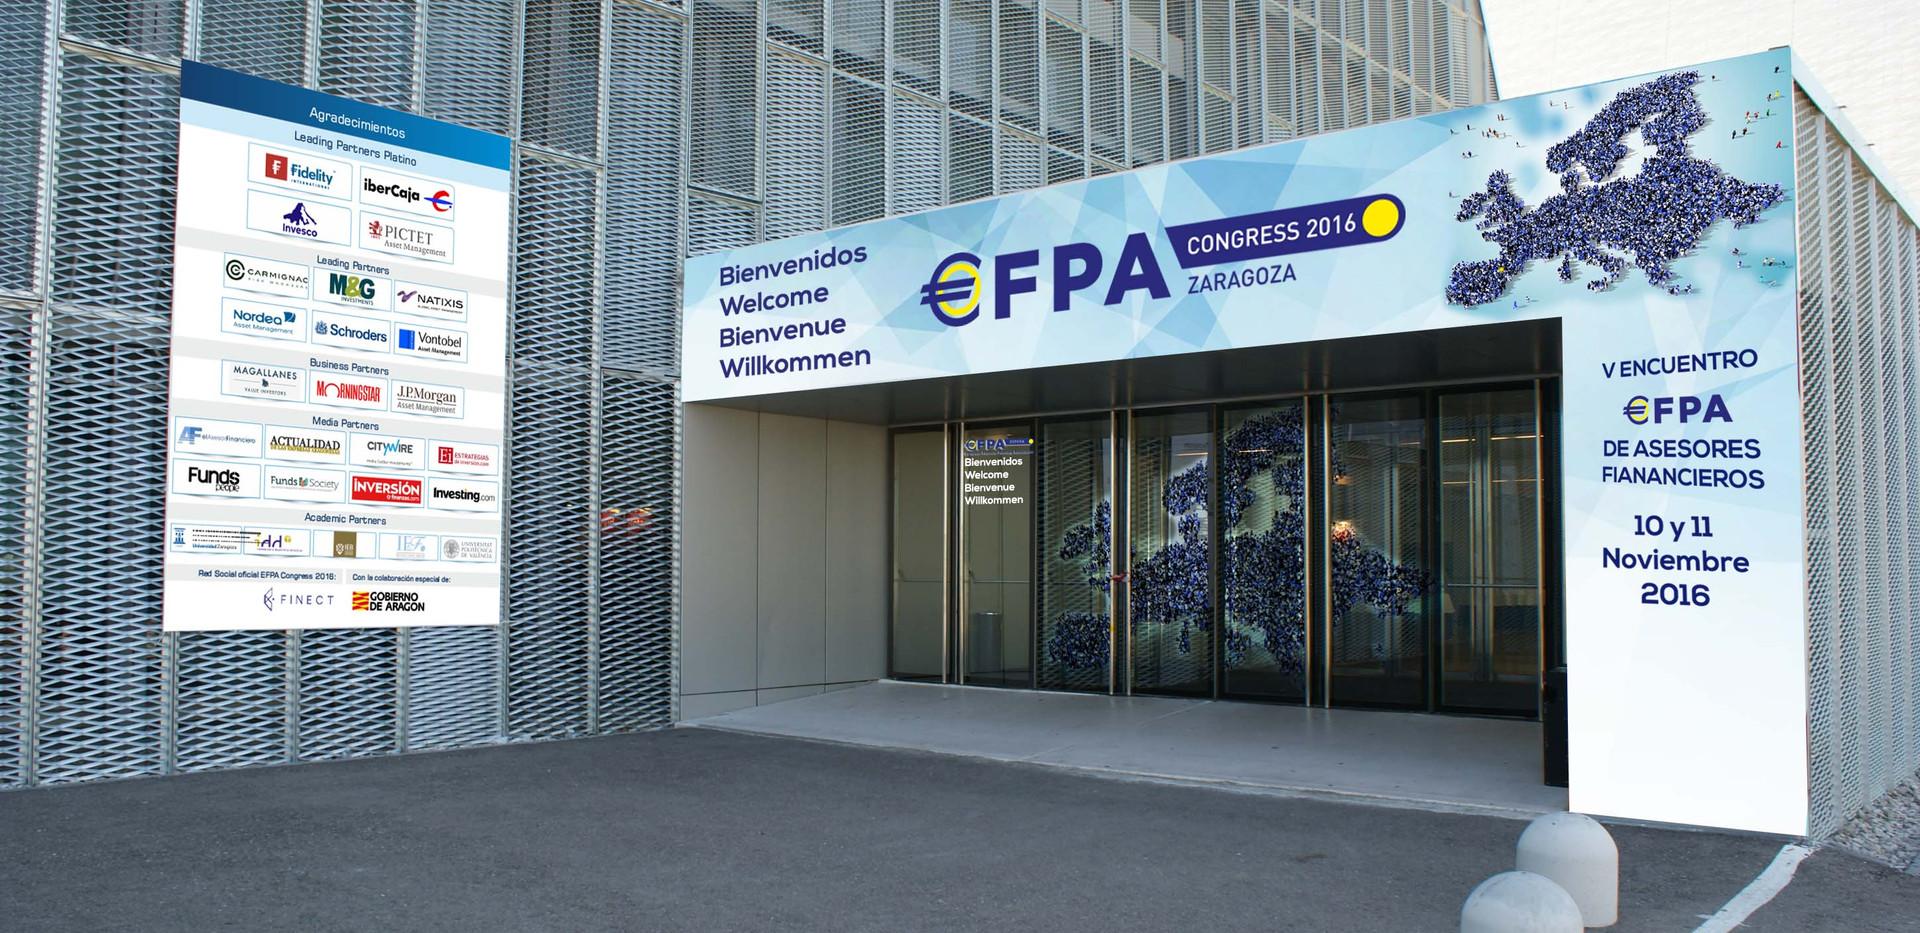 Simulación entrada EFPA.jpg